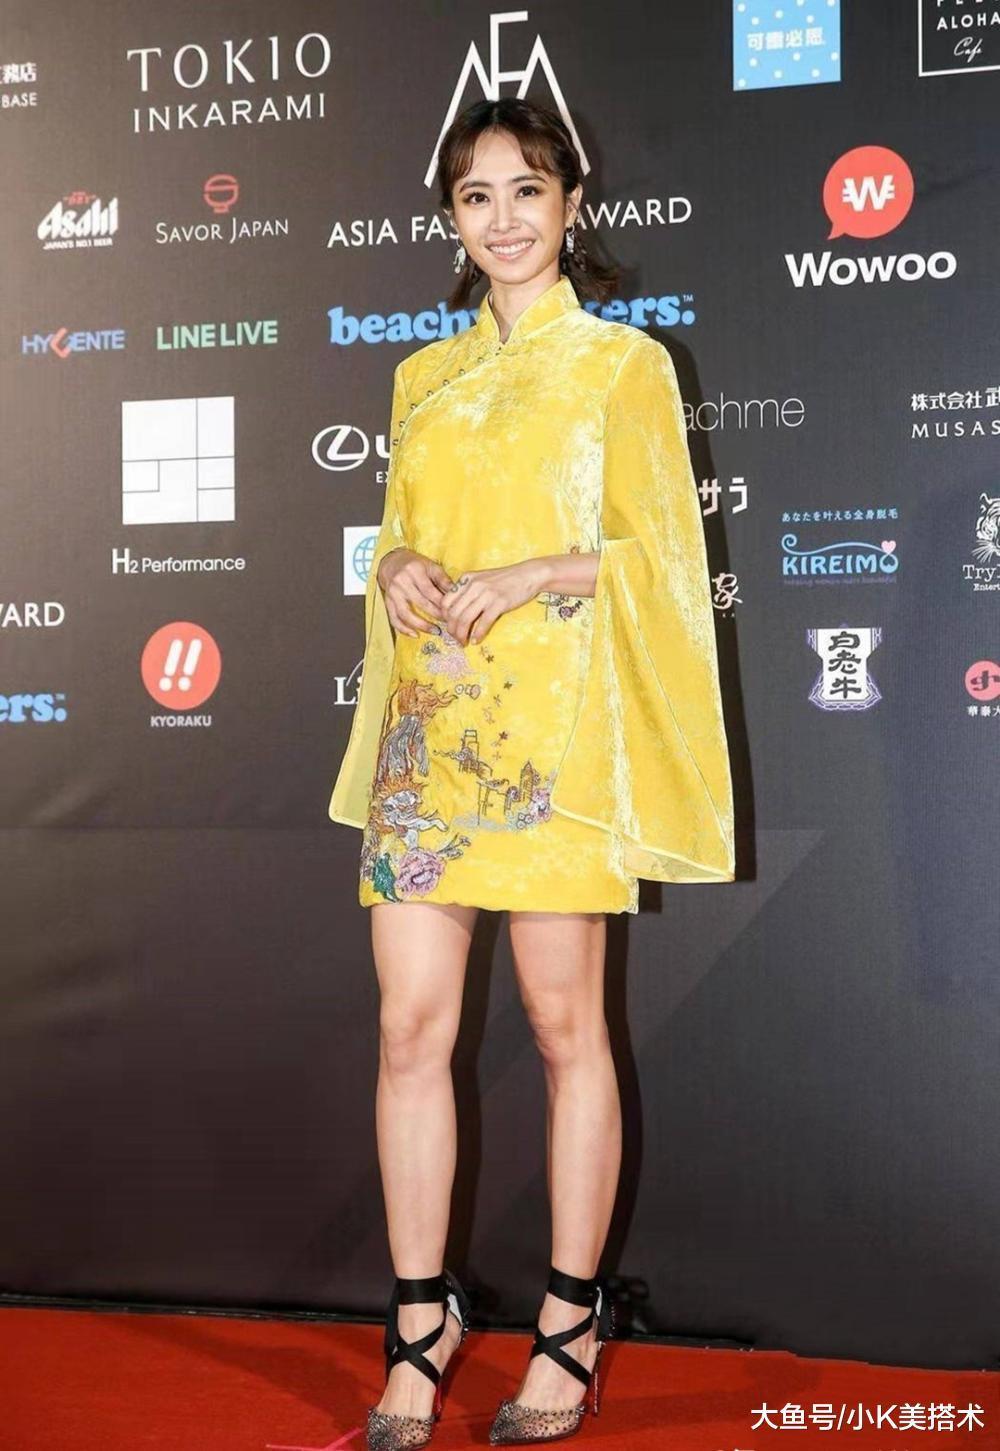 蔡依林中国风造型太美了, 扎小辫俏皮减龄, 穿改良旗袍尽显好气质